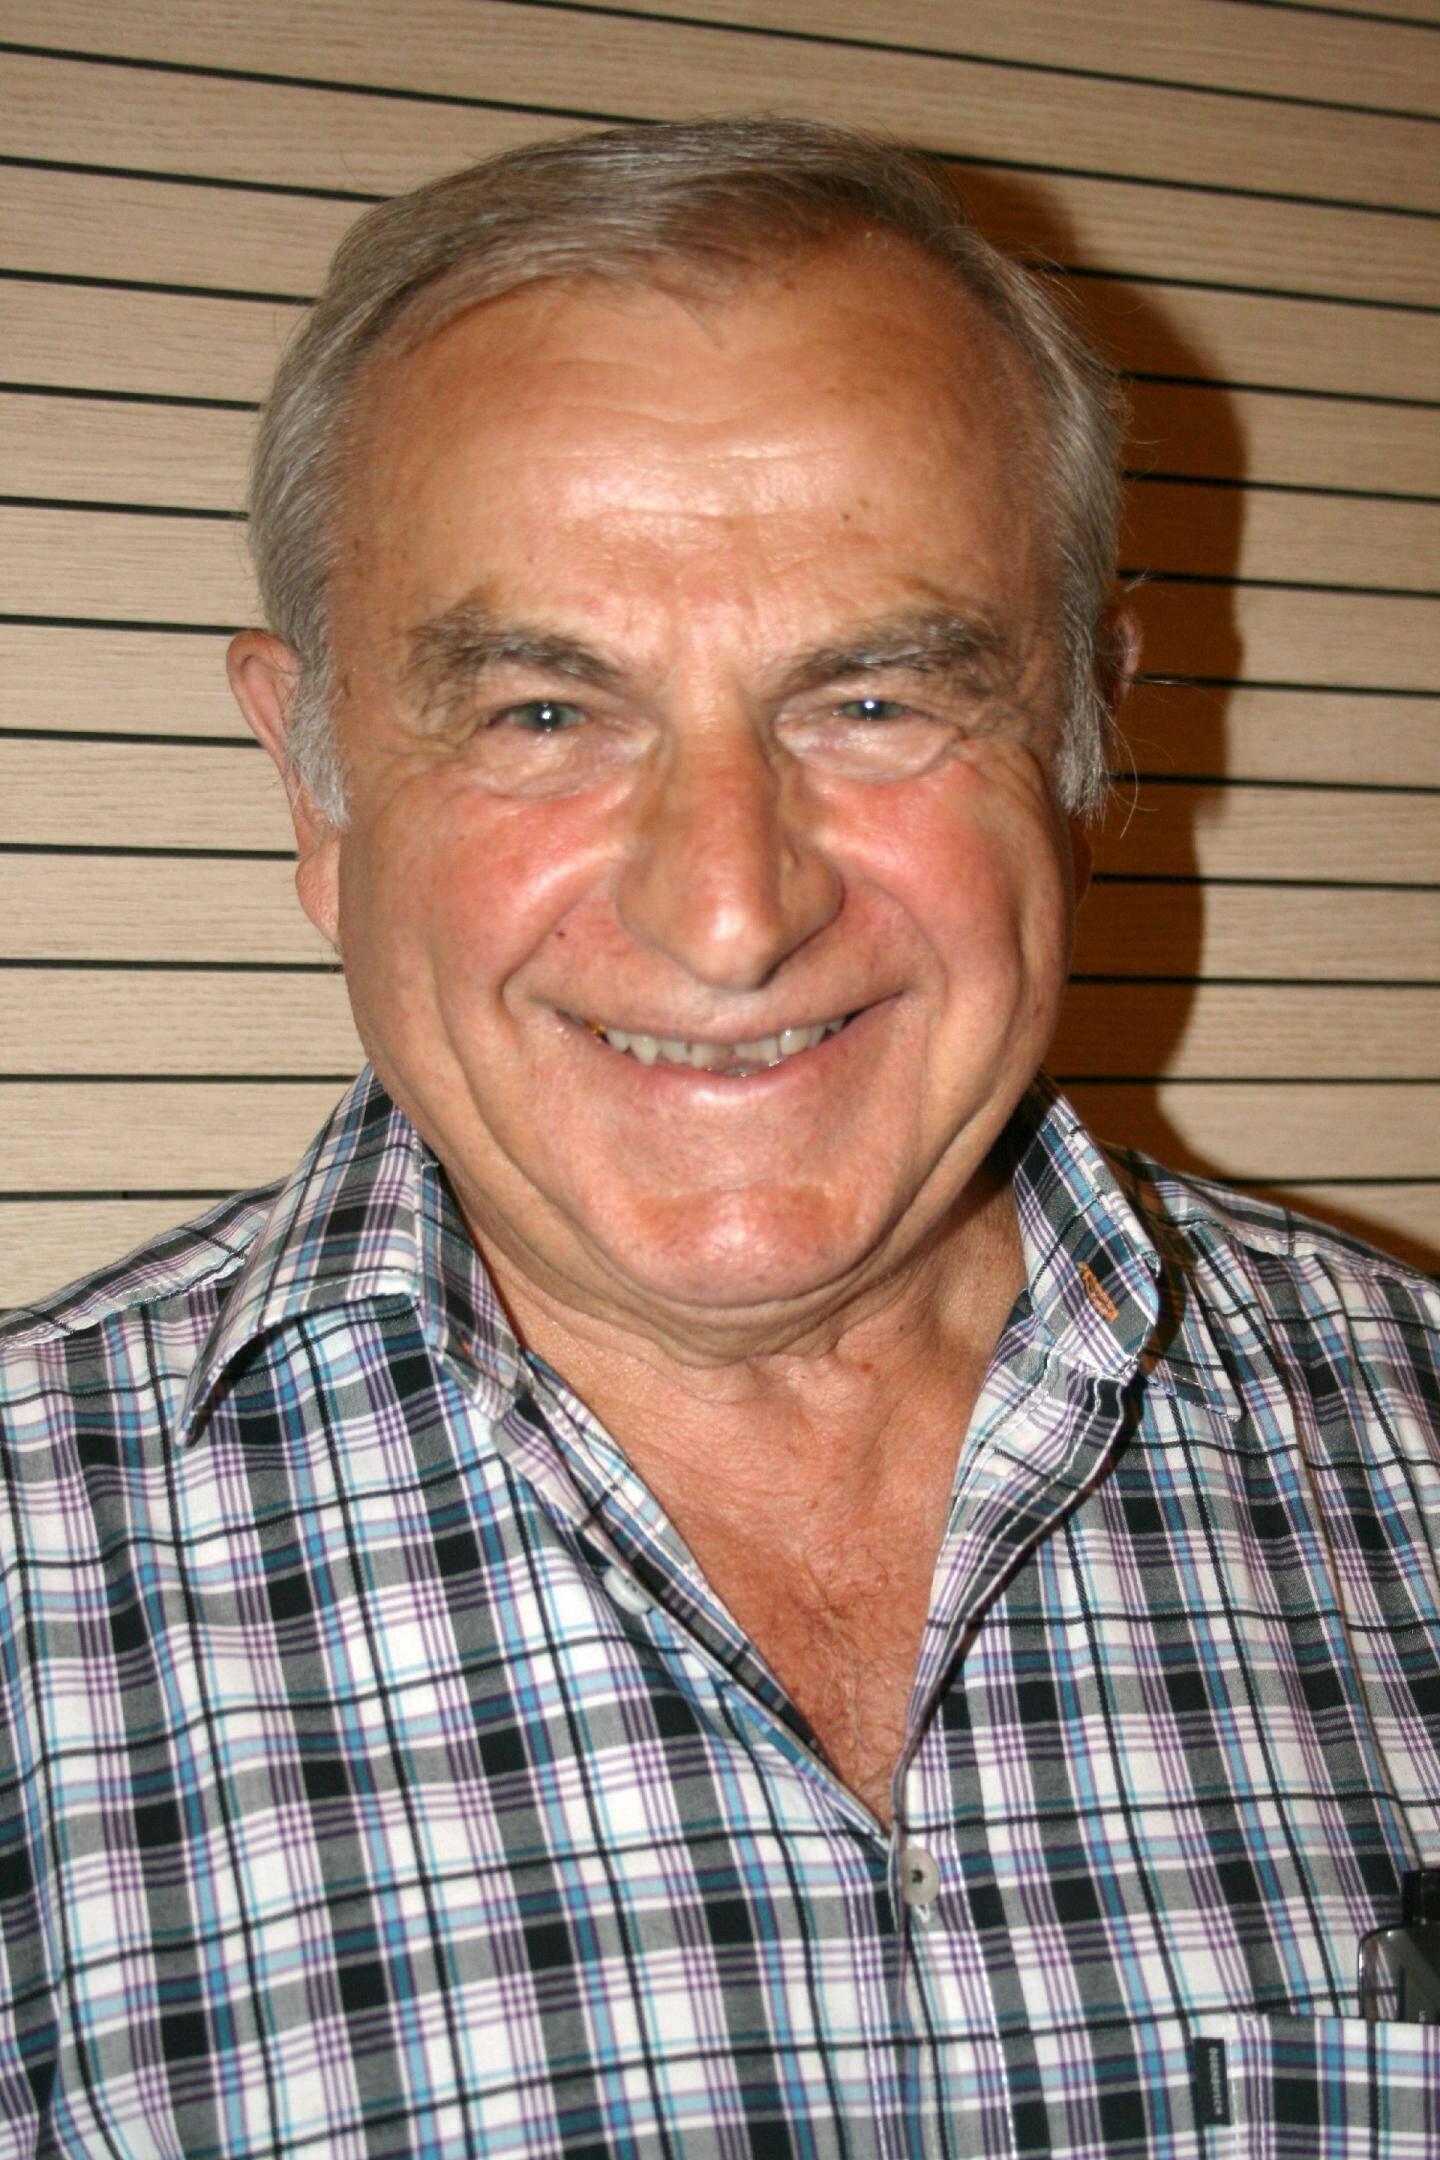 Michel Calmet, tête de liste, premier adjoint en 2001 et 2008, conseiller communautaire en 2013.